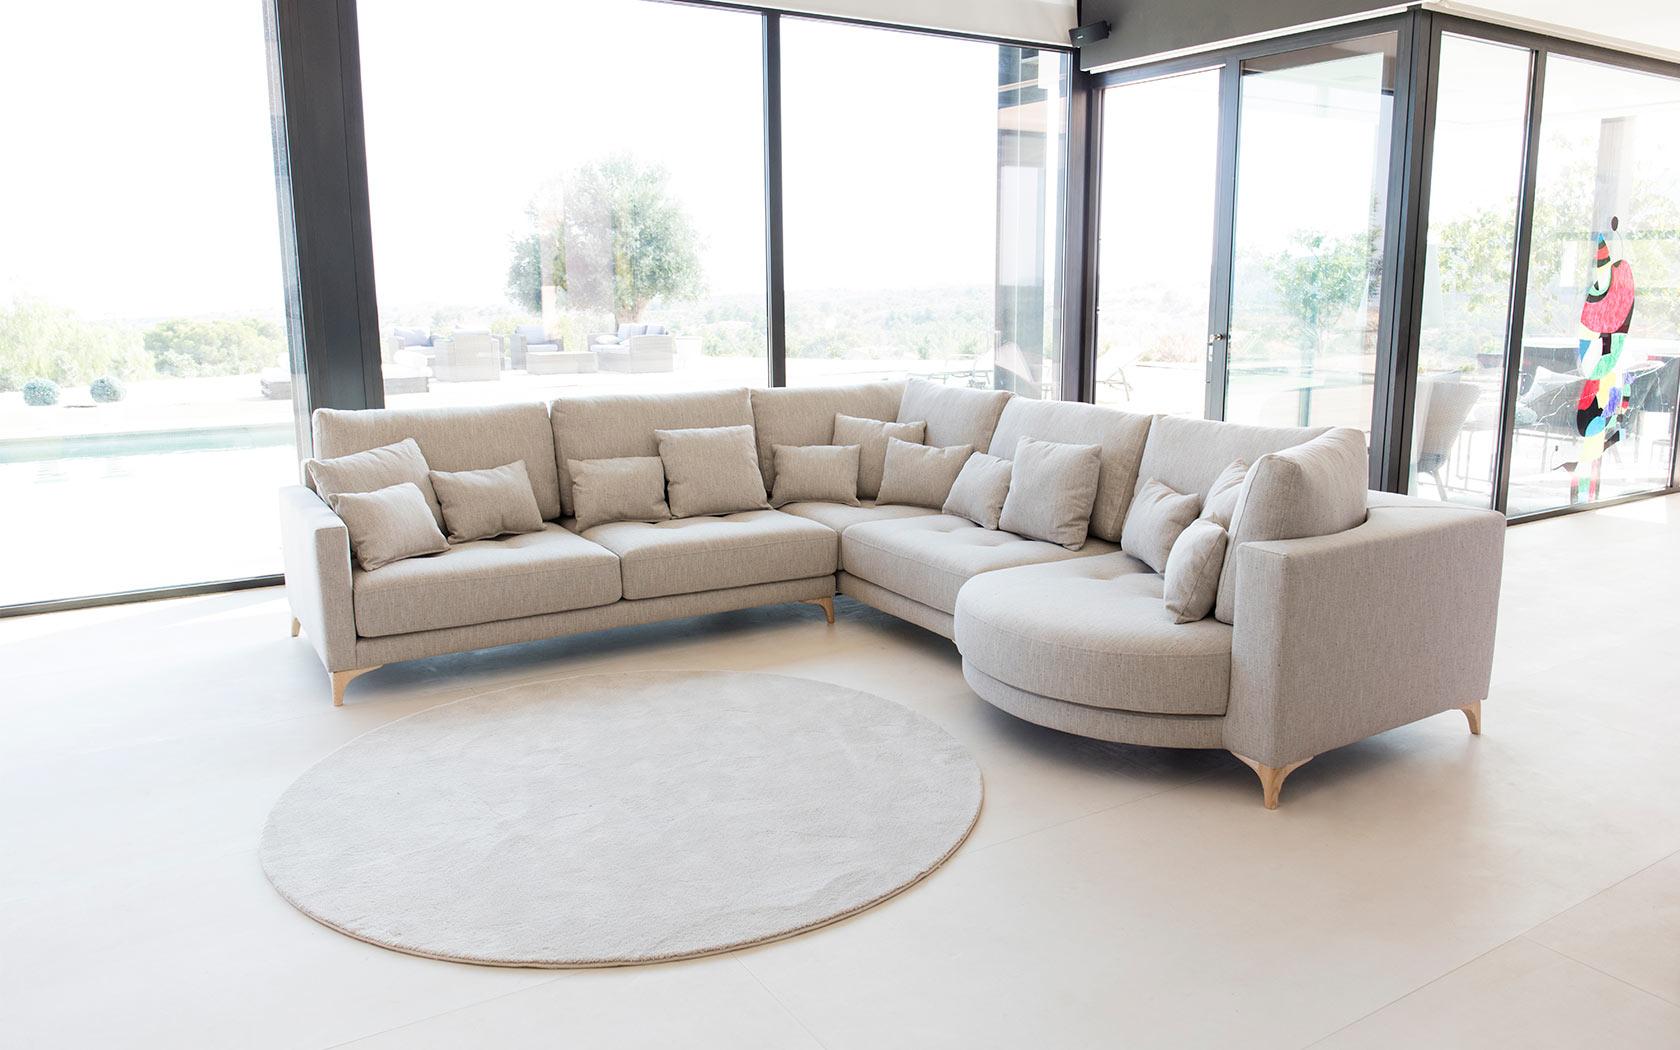 Opera sofa Fama 2019 03